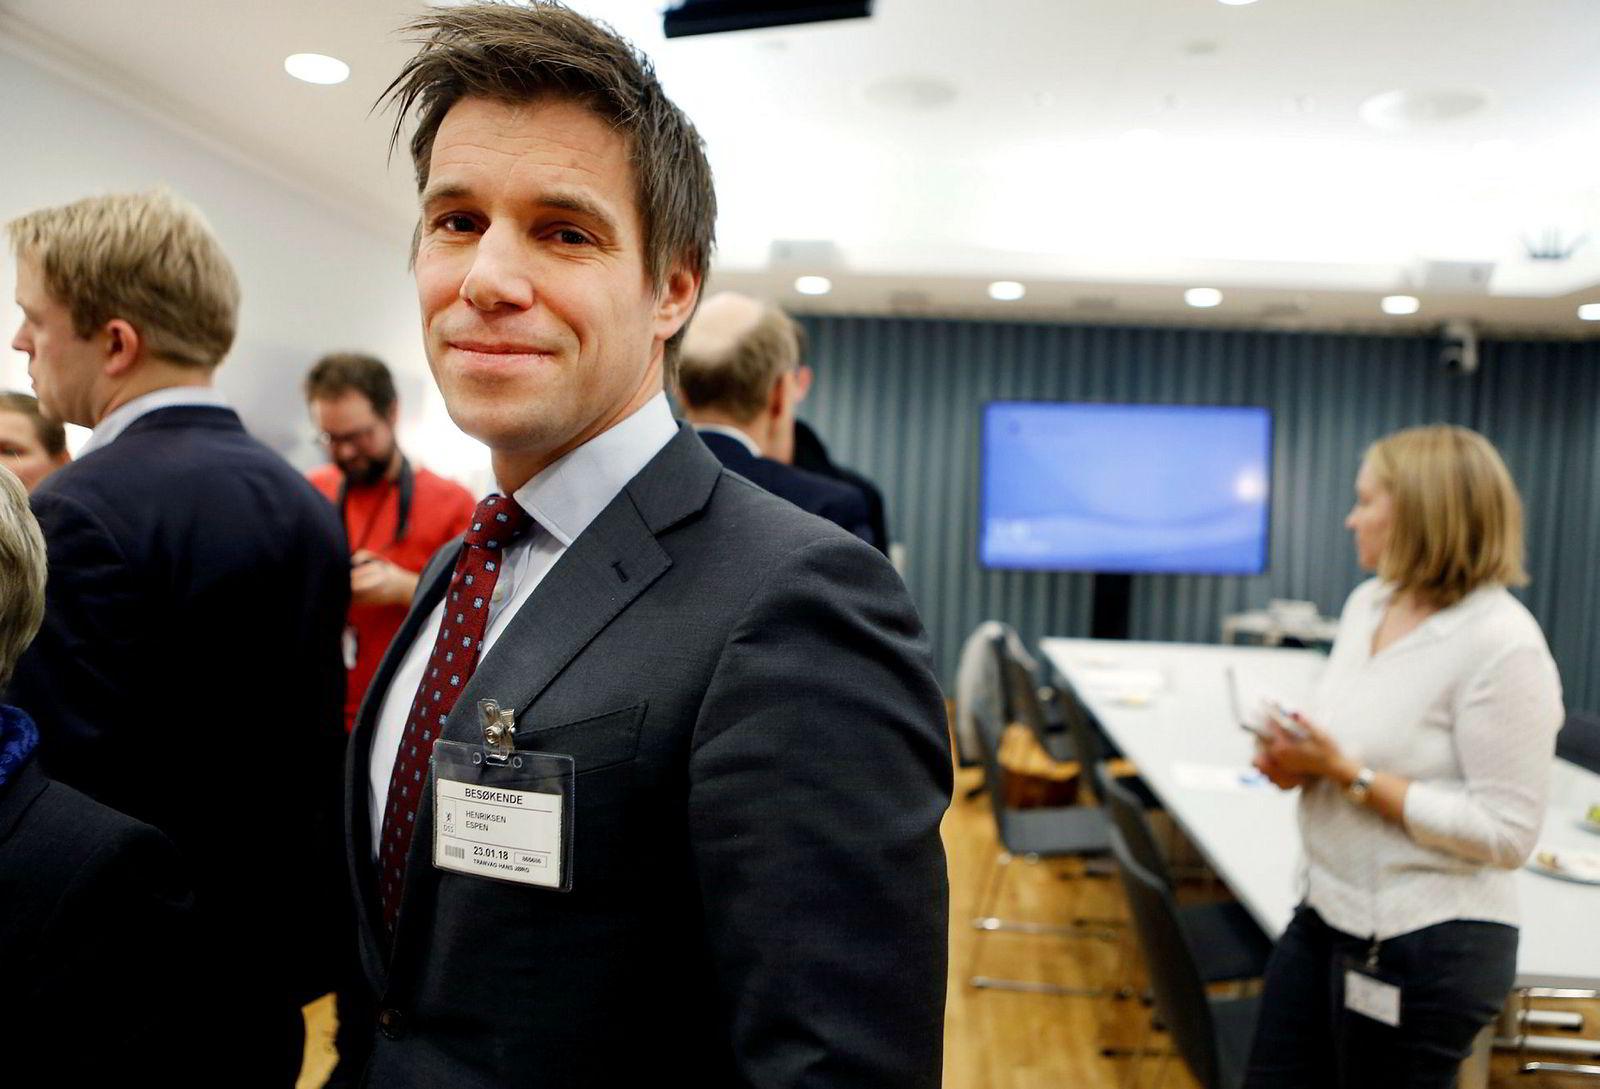 – Hvorfor vil en hedgefondforvalter forvalte et indeksfond? sier Espen Henriksen ved Handelshøyskolen BI.